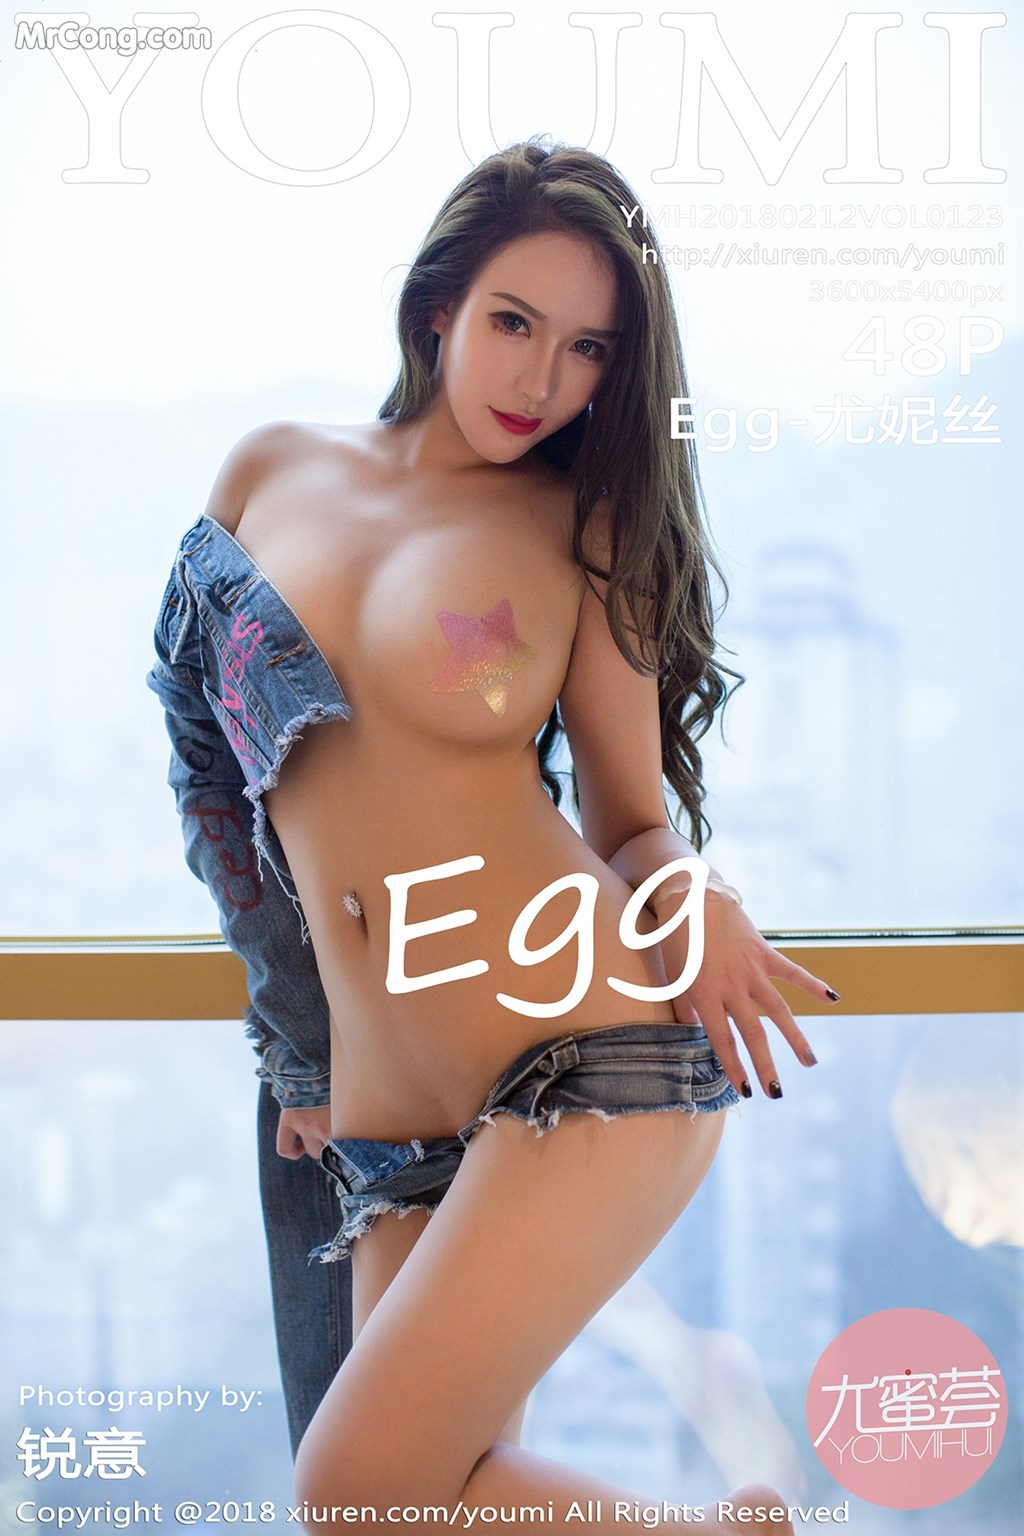 YouMi Vol.123: Người mẫu Egg-尤妮丝 (49 ảnh)